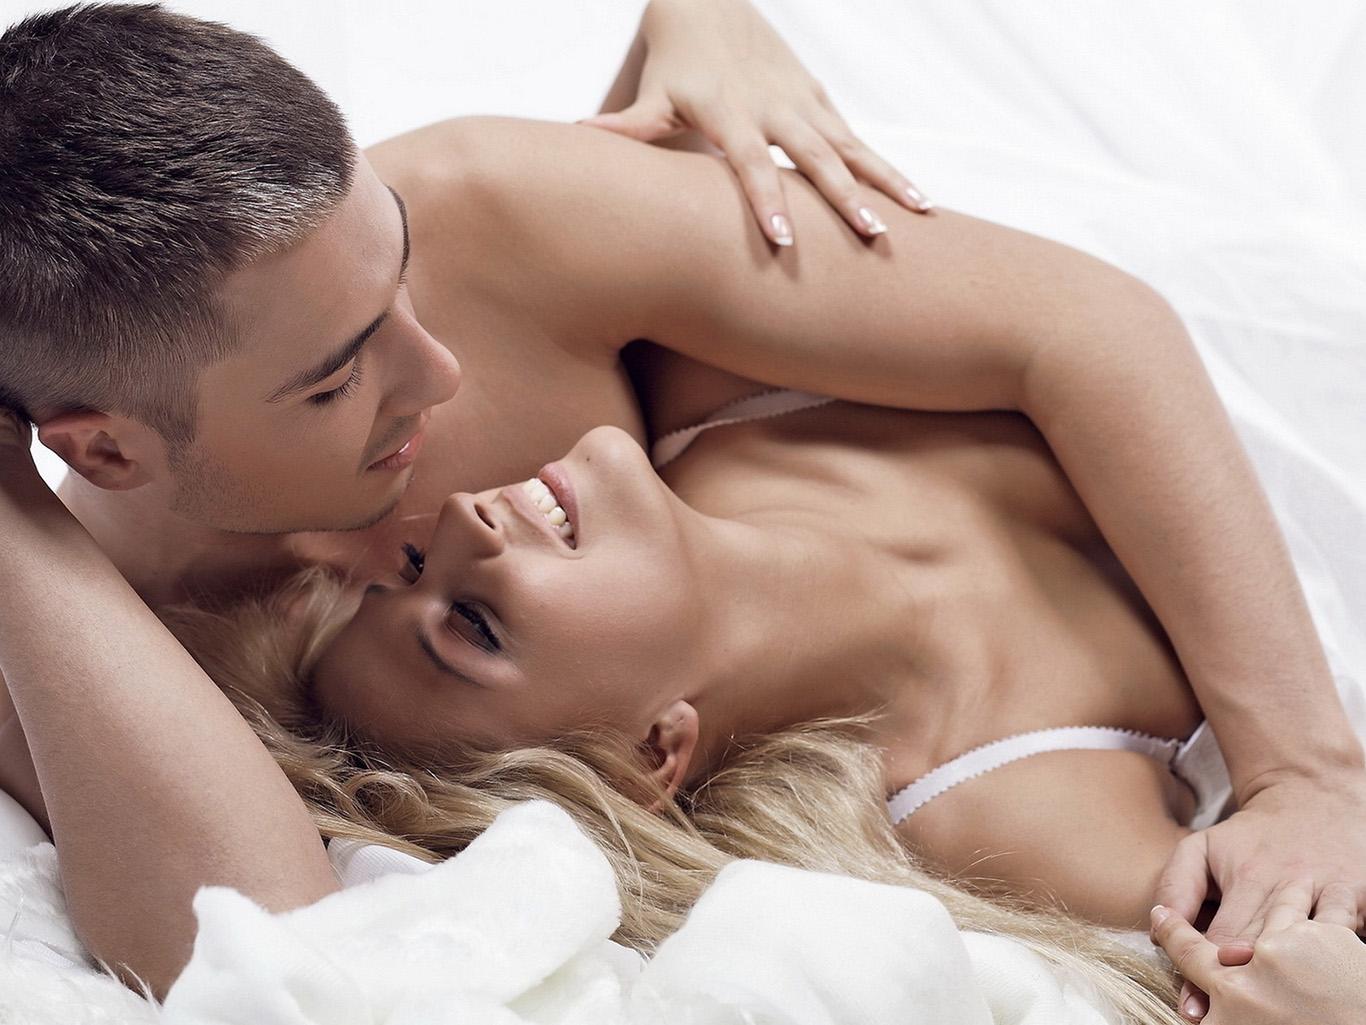 видео русские занимаются смотреть сексом четвером